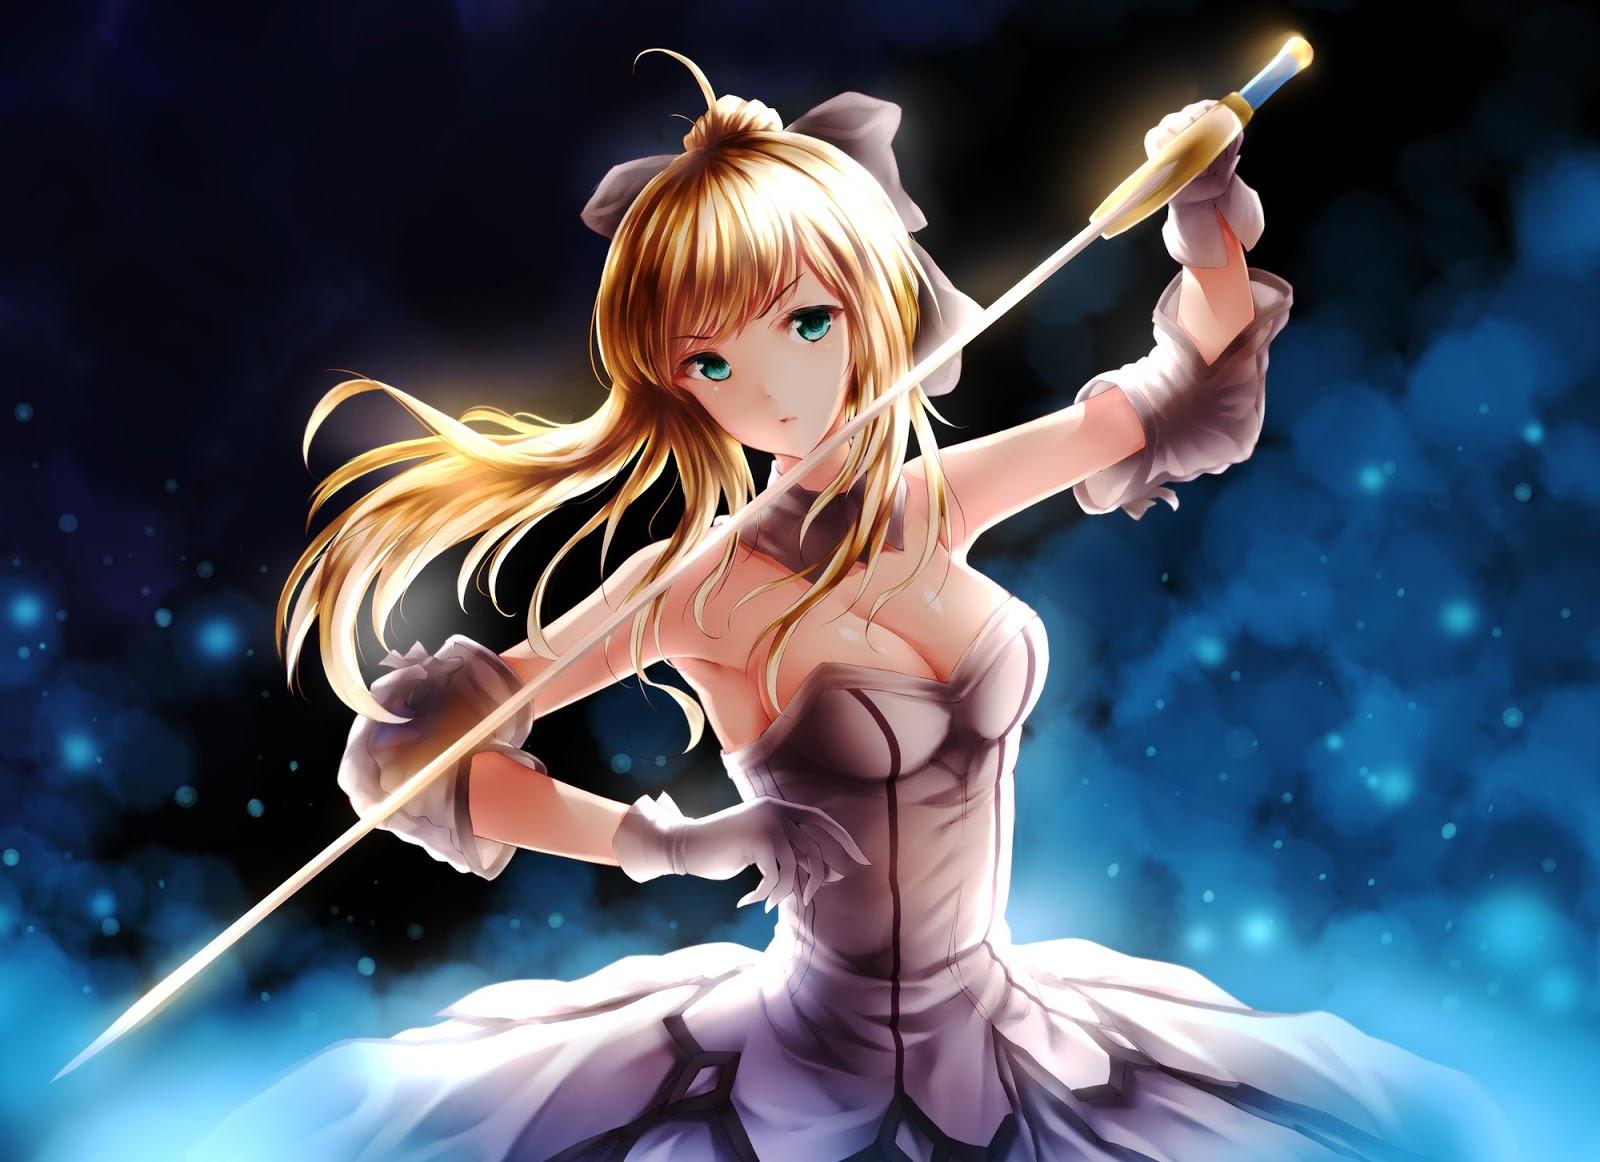 Fate AowVN%2B%252848%2529 - [ Hình Nền ] Anime Fate/GrandOrder tuyệt đẹp Full HD | Wallpaper